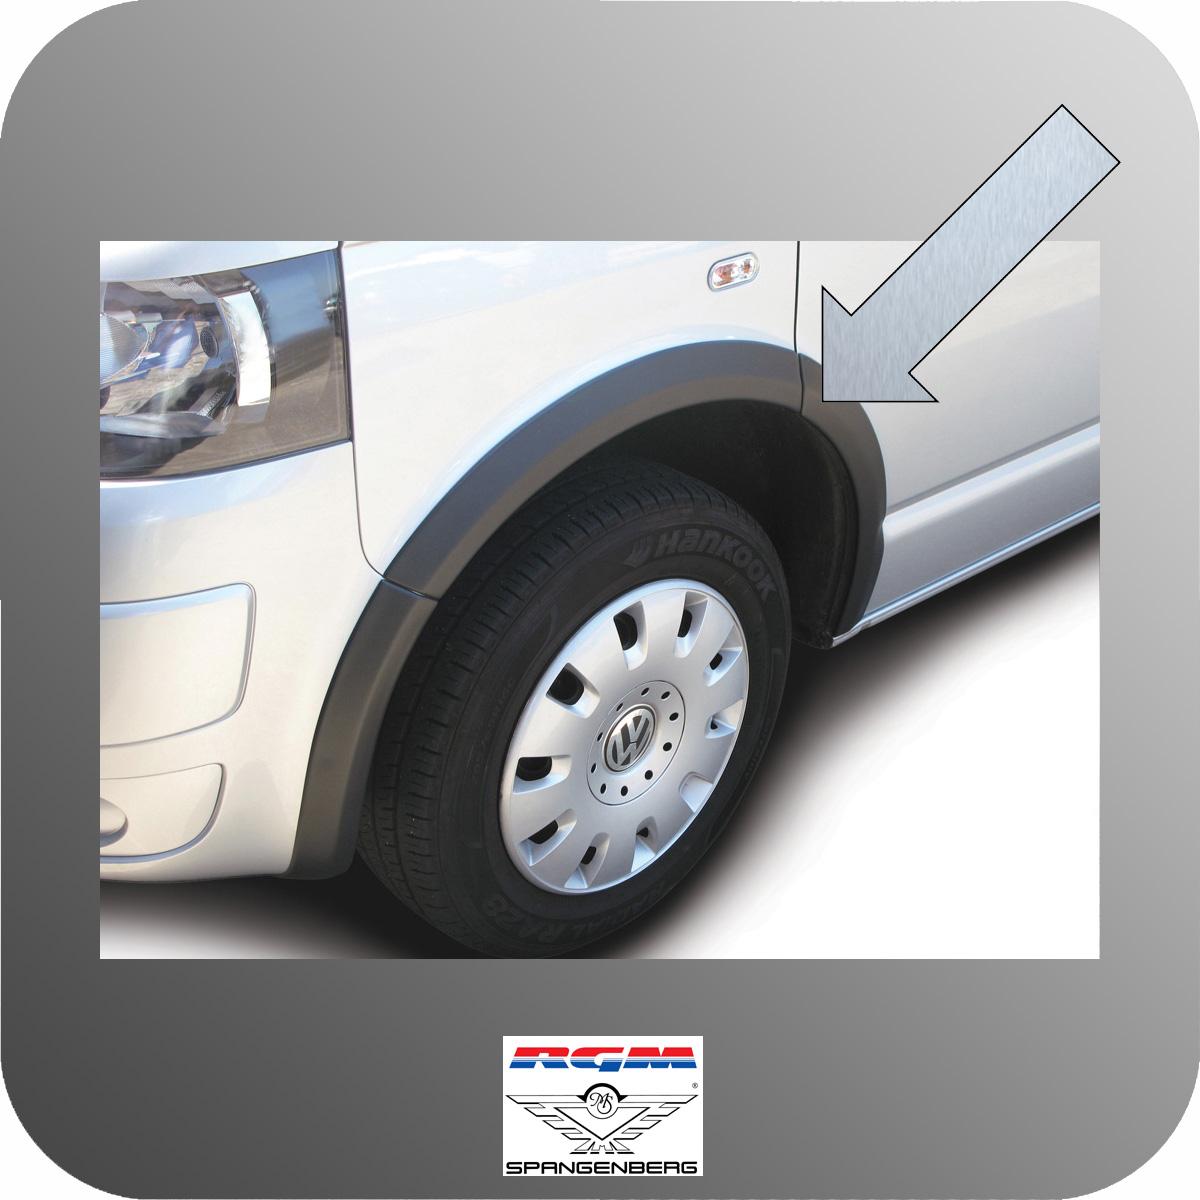 Radlaufabdeckung für VW T6 Radstand kurz Schiebetür rechts 02.15-11.19 7420262